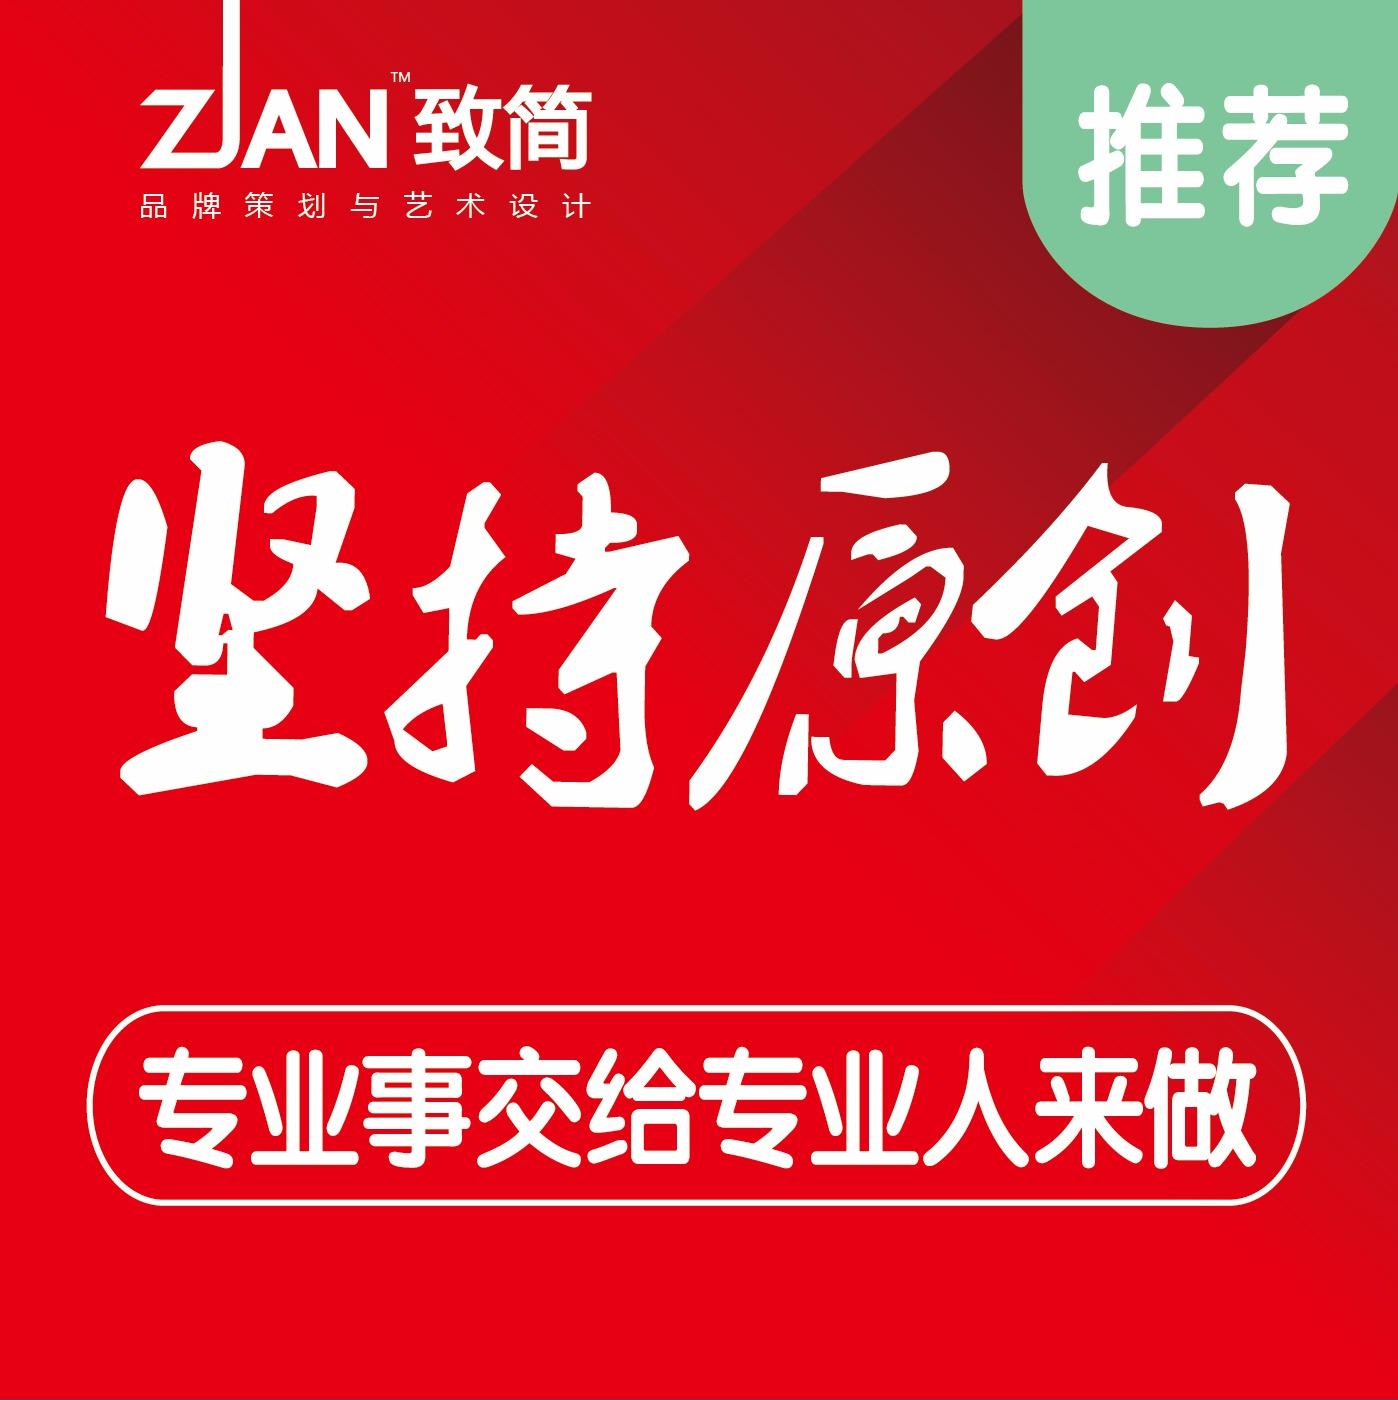 【致简logo设计】红茶绿茶铁观音龙井茶饮品品牌公司产品标志